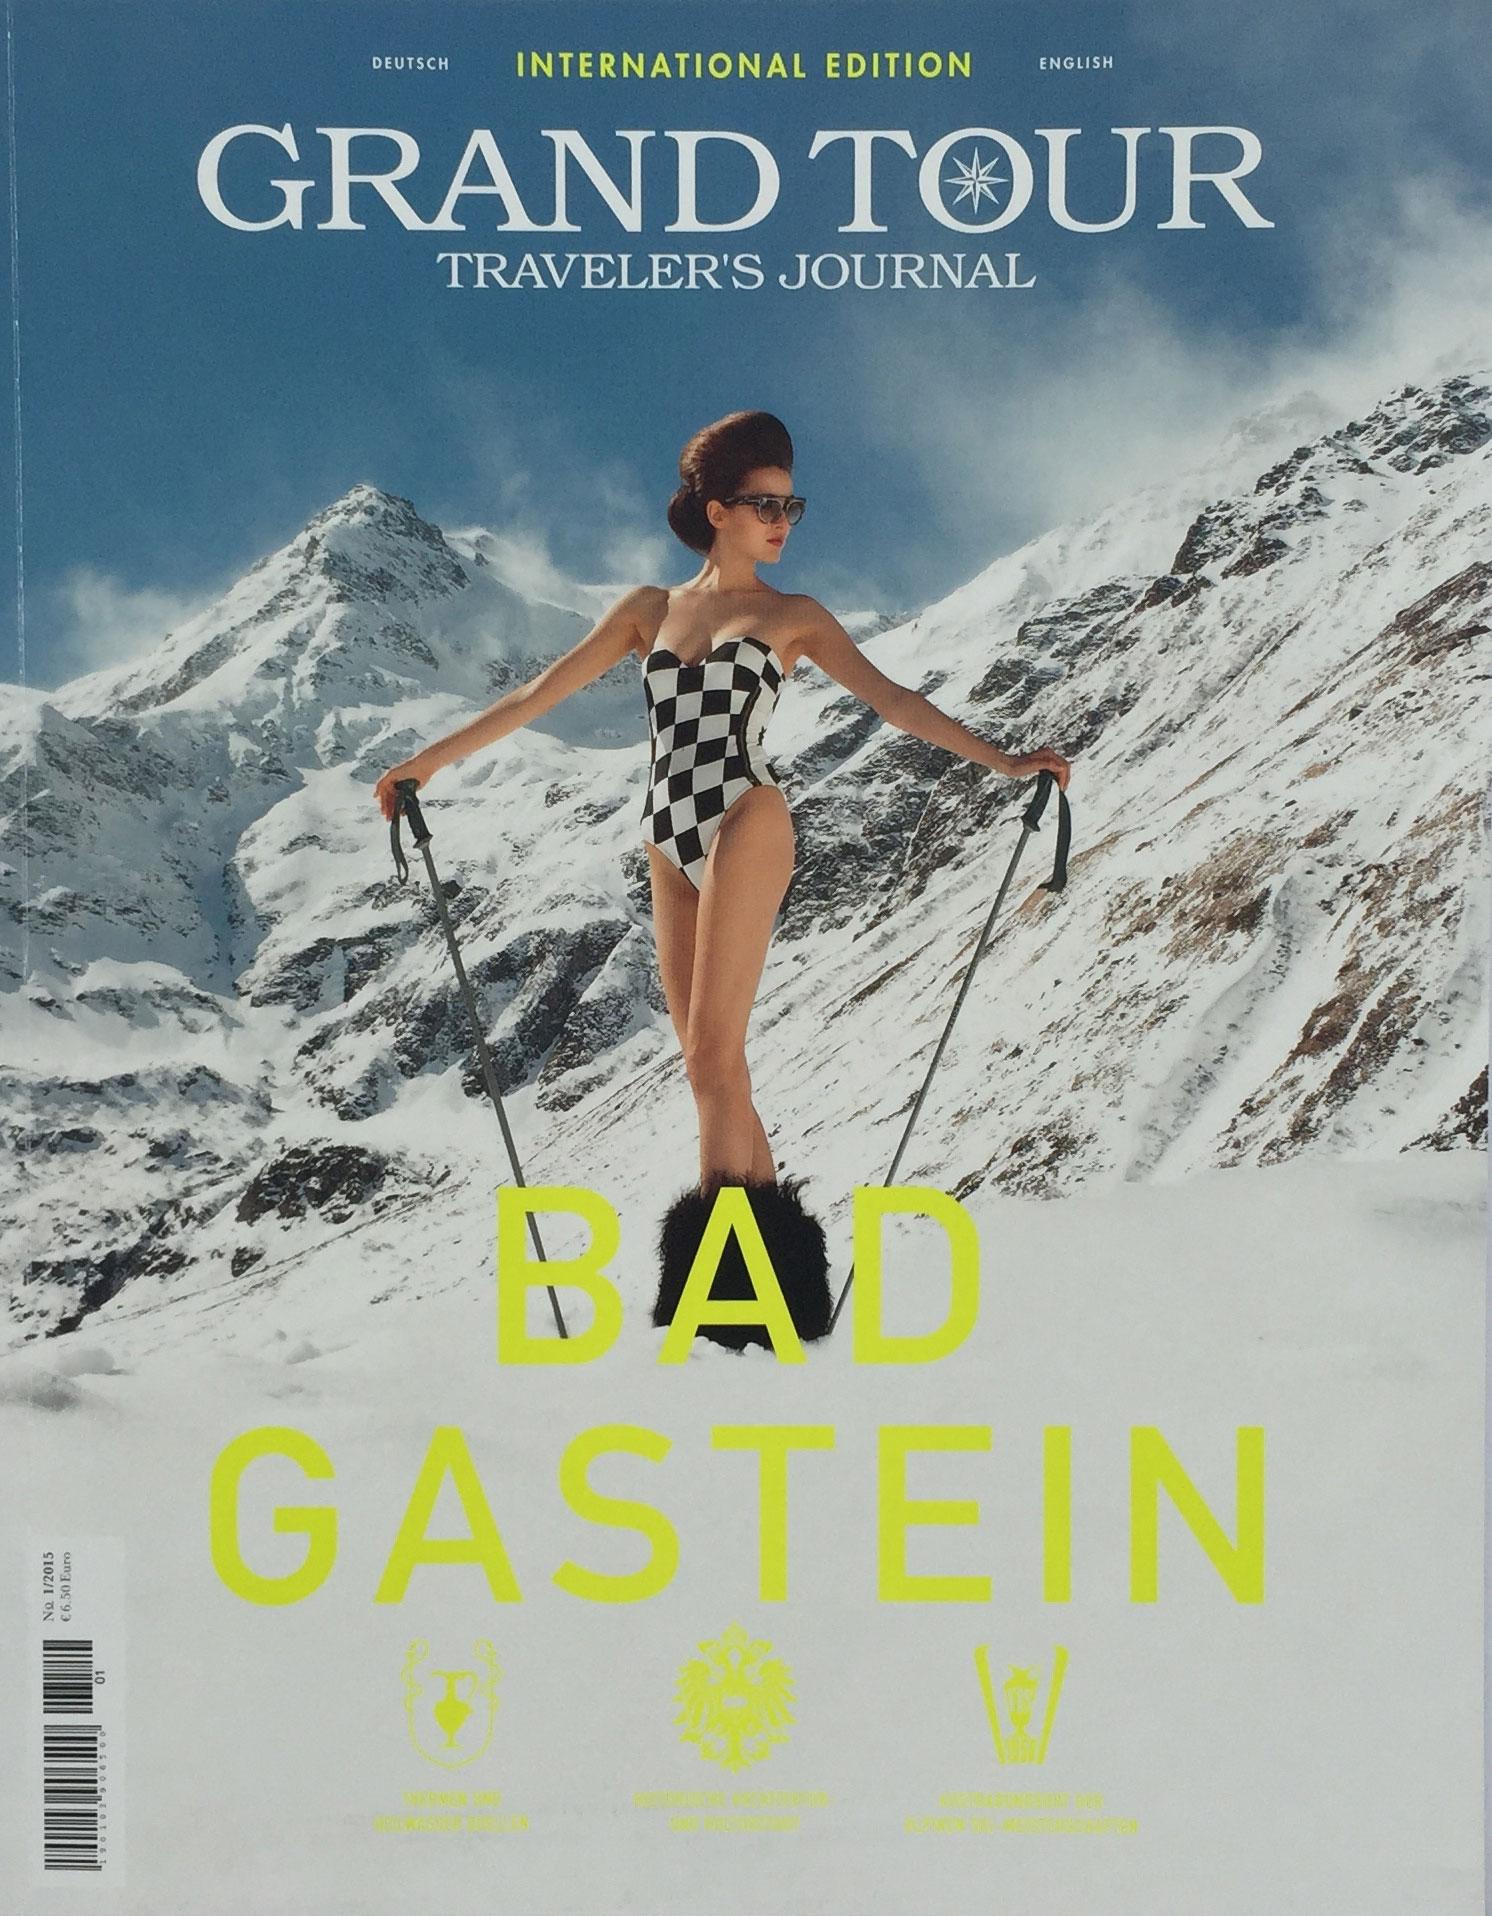 grand tour cover